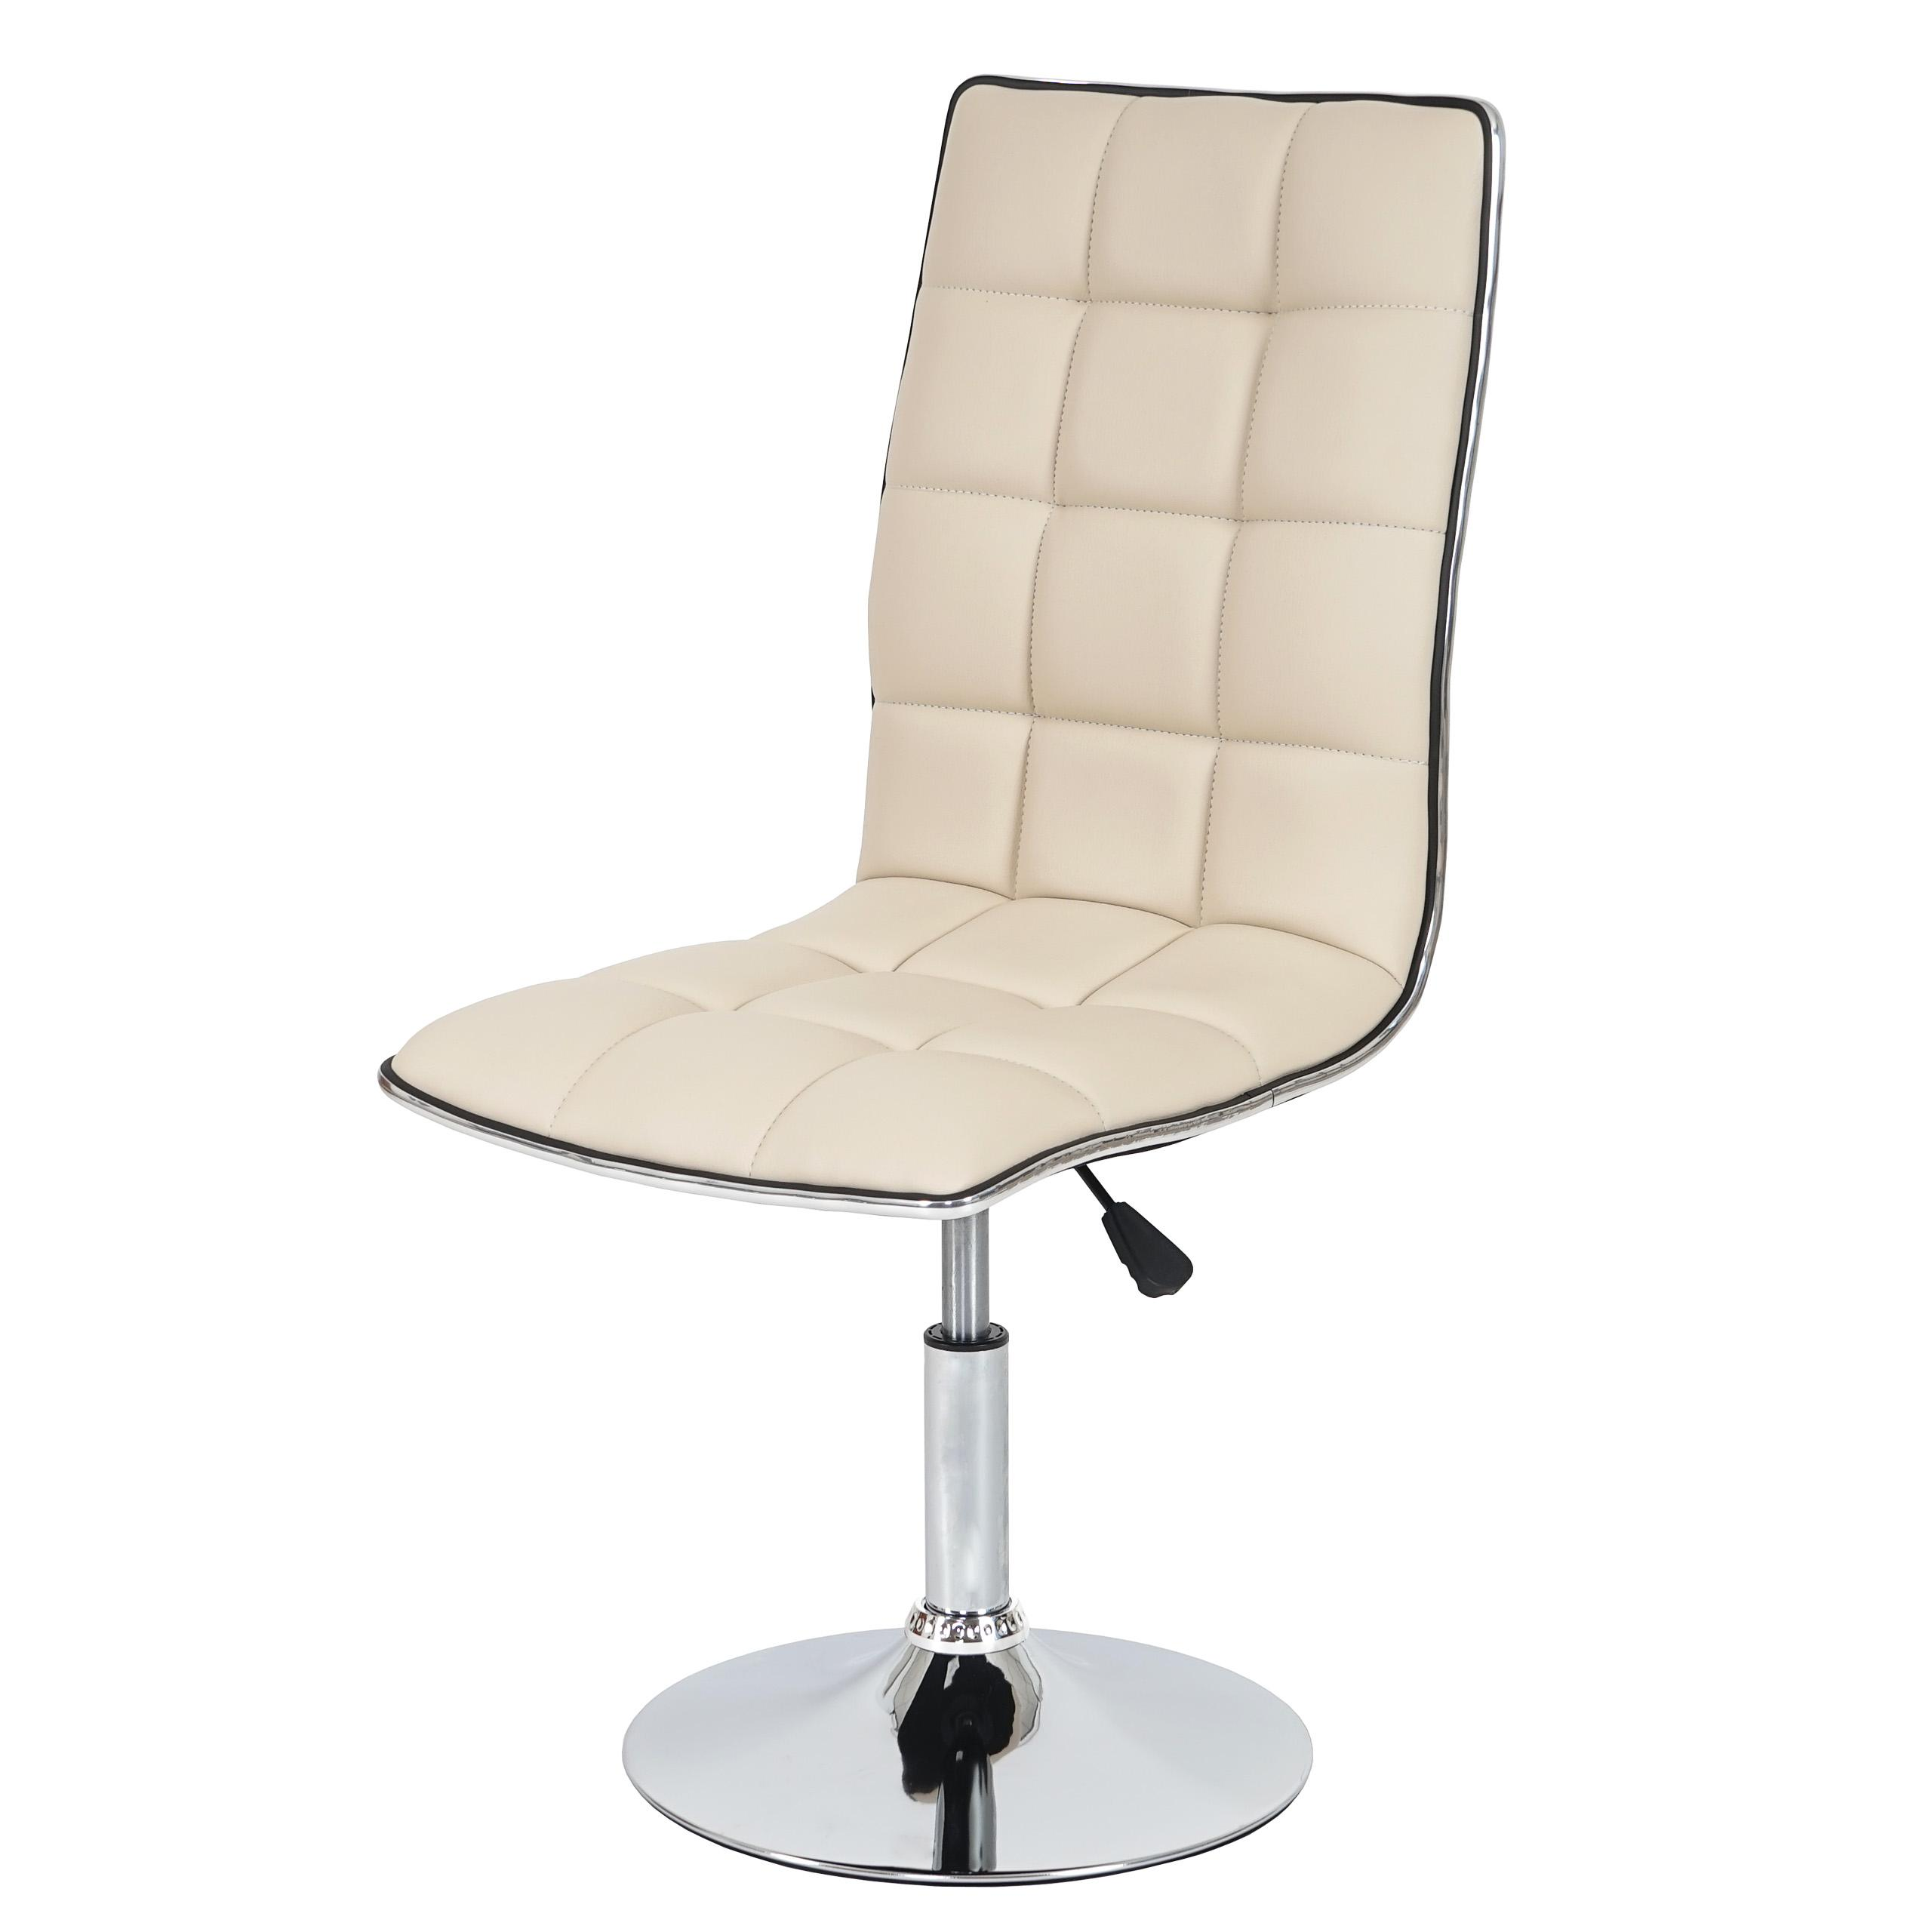 Lote 2 sillas de cocina o comedor ROGER, acolchado con costuras ...